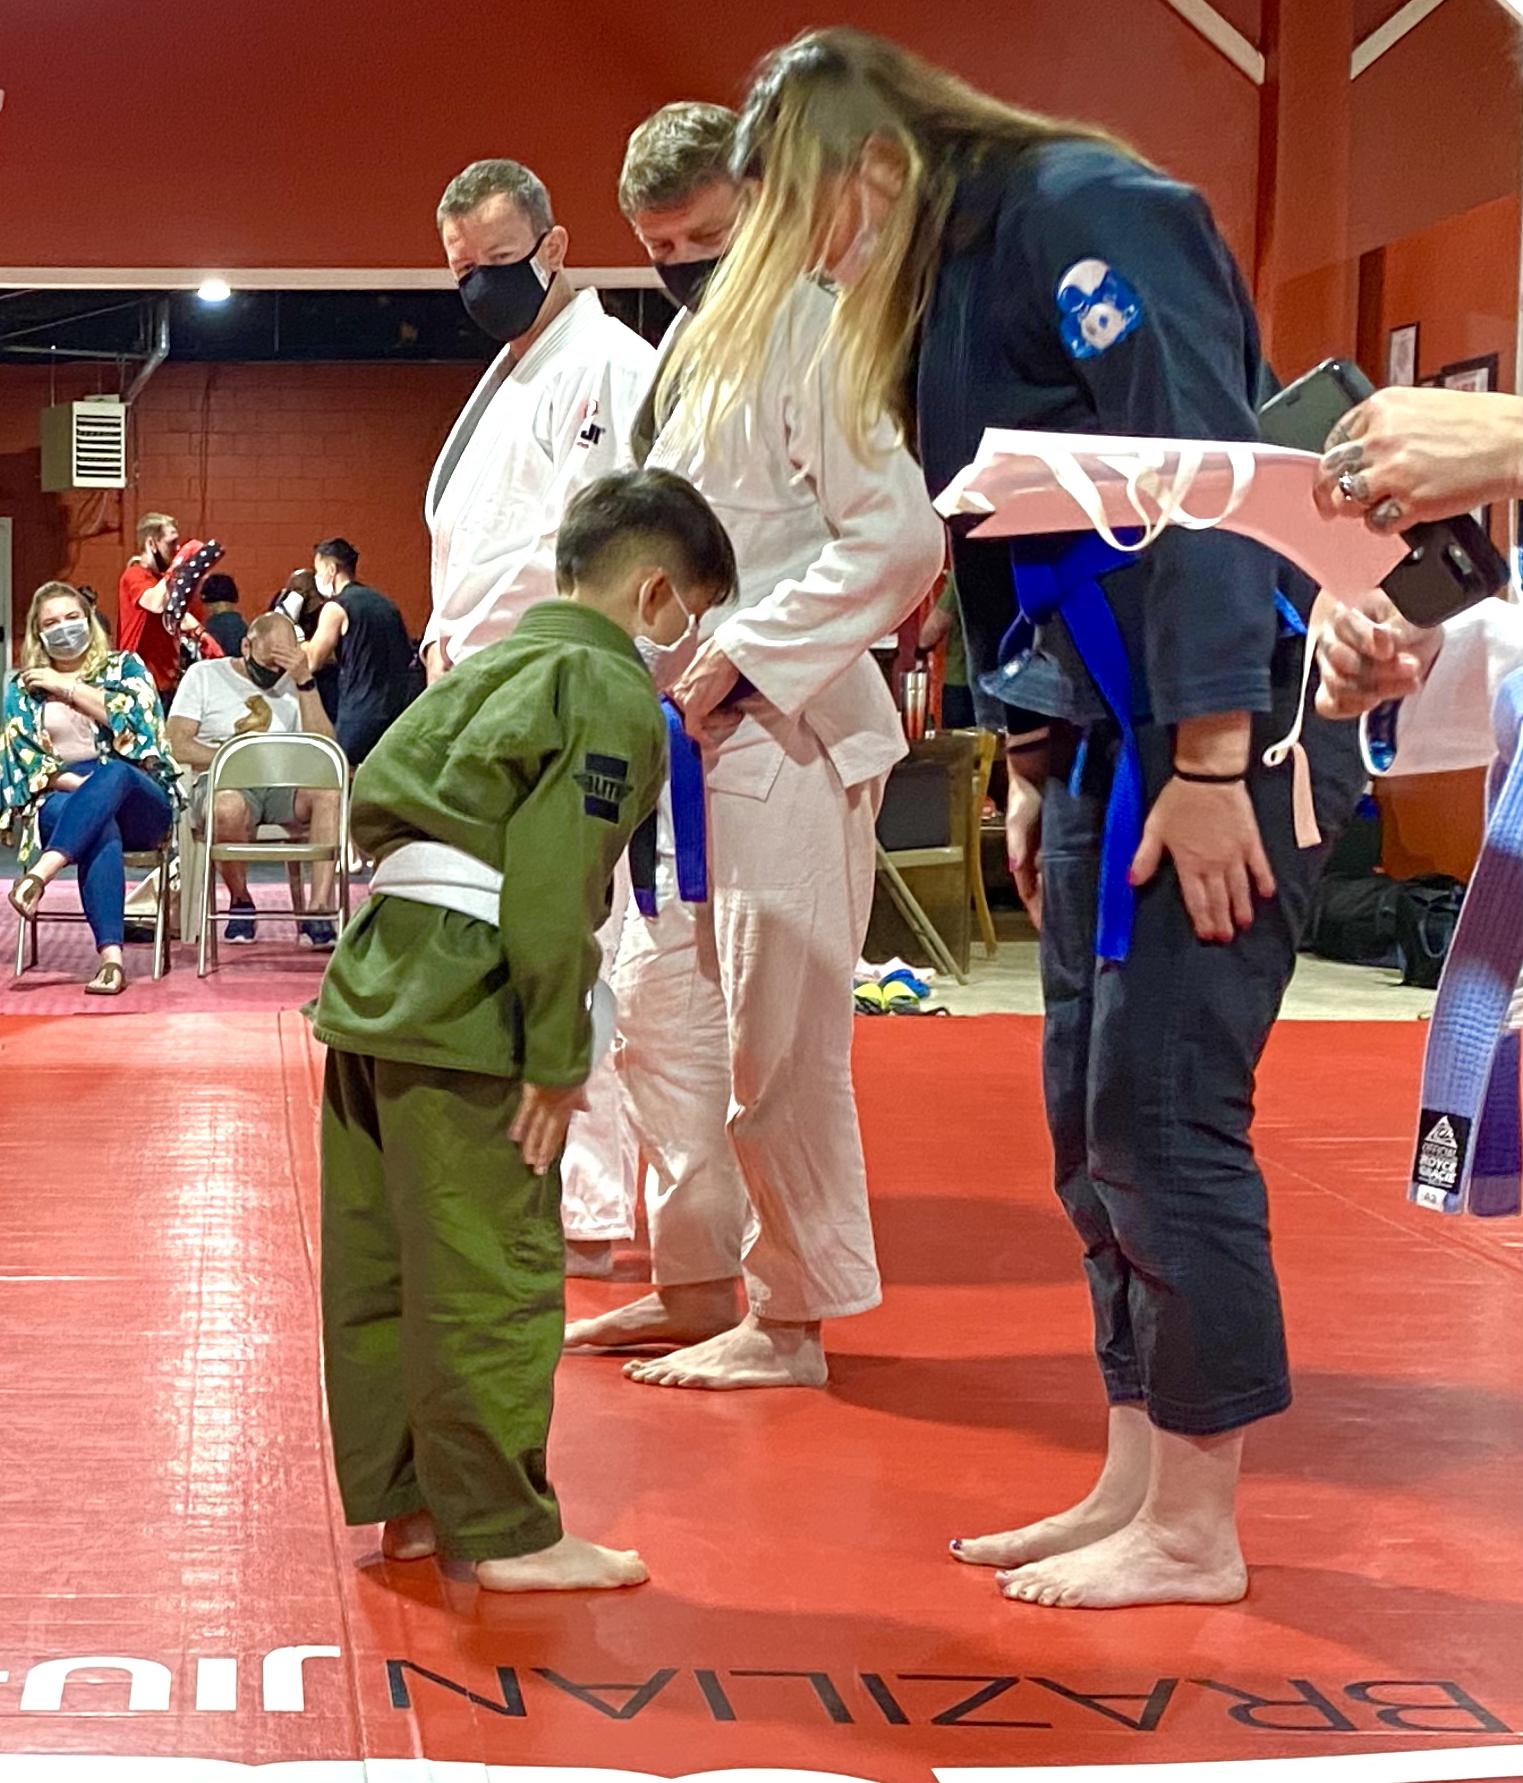 Kids Brazilian Jiu-Jitsu Class